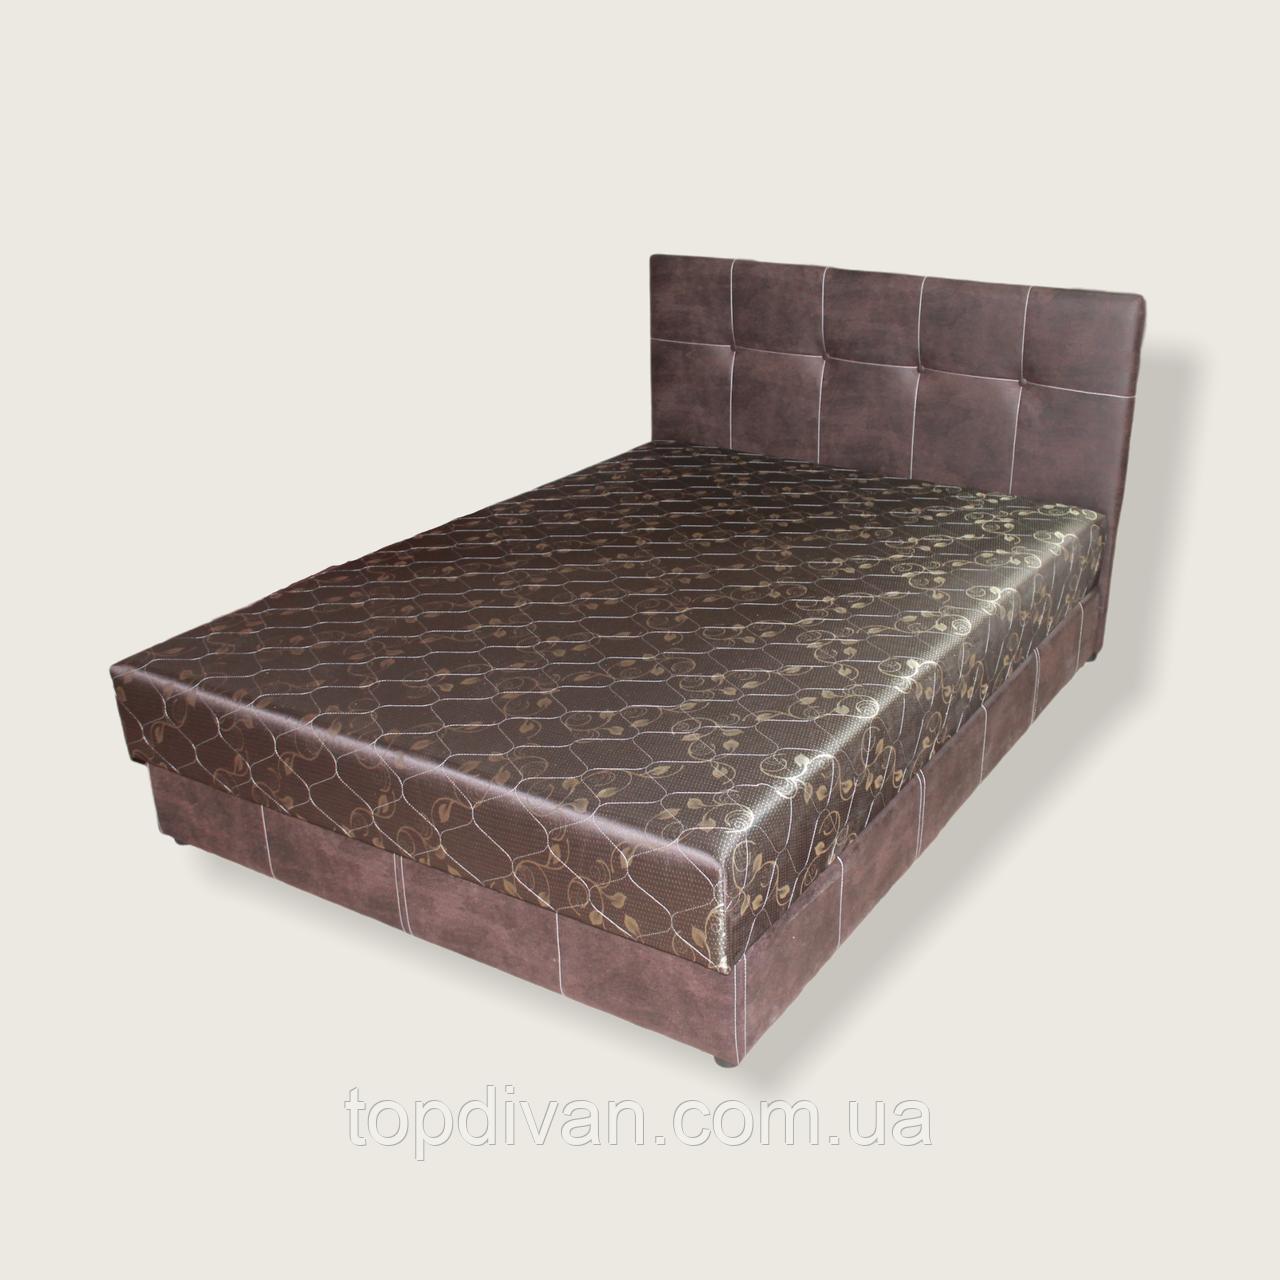 """Ліжко """"Жанна"""" (Риол) з матрацом та підйомним механізмом 200*160 спальне (будь-які розміри)"""